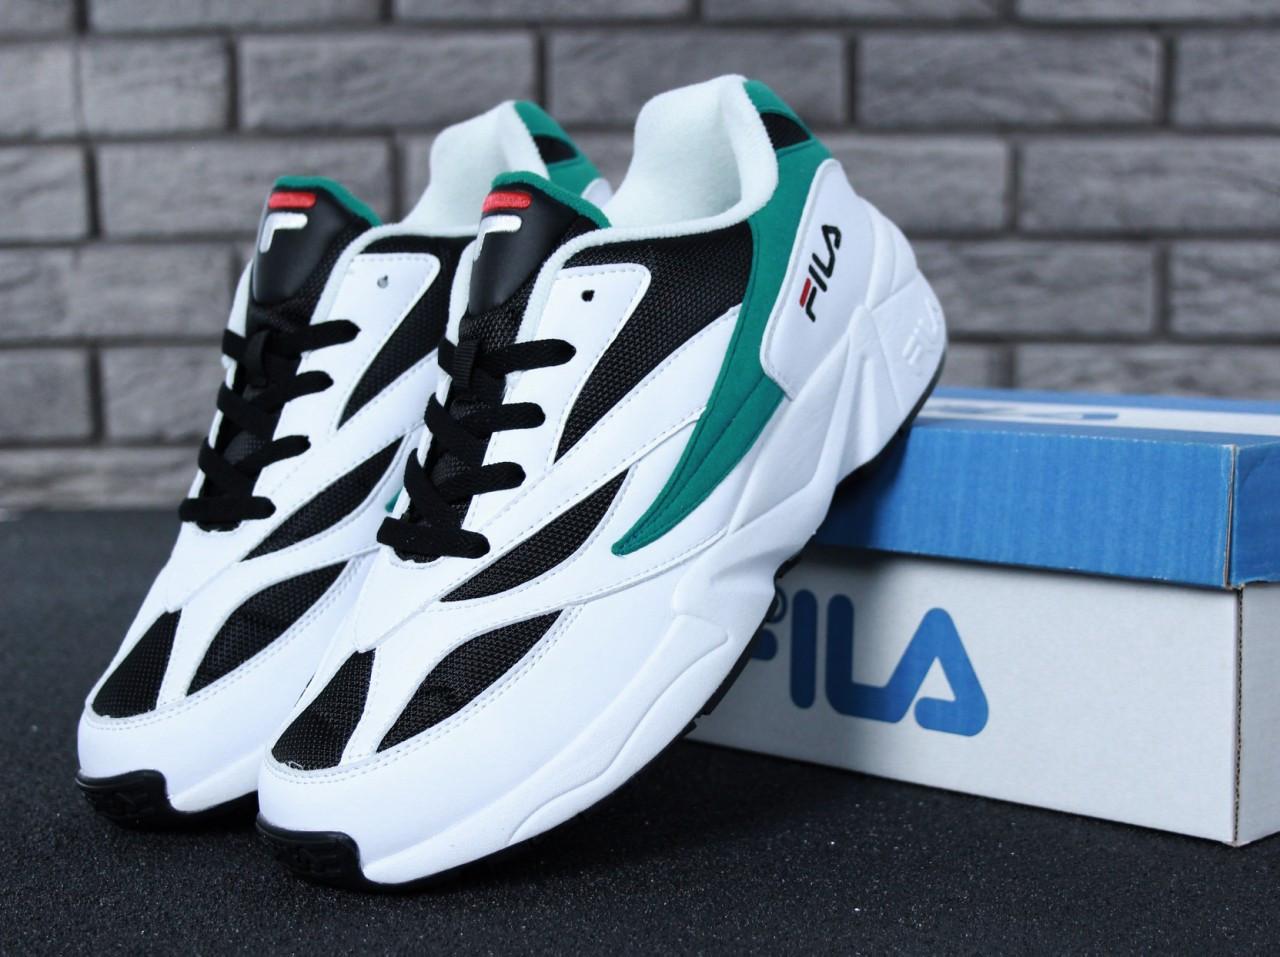 Кроссовки мужские в стиле Fila Venom код товара KD-11629. Белые с  черным зеленым - Bigl.ua 349b4b857a4f7